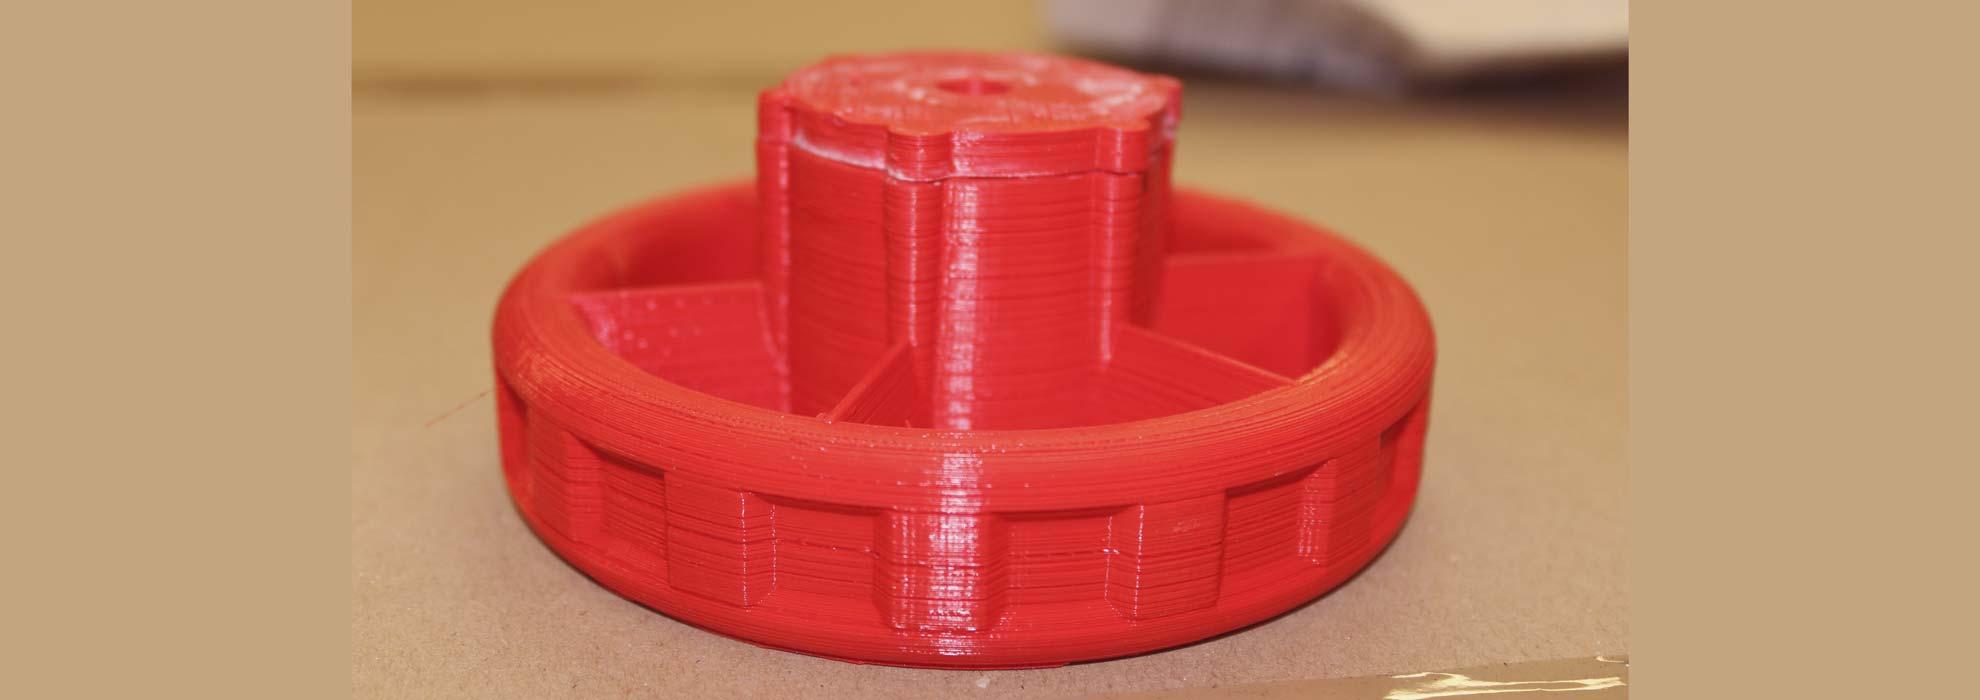 Круглая деталь из красного полимера